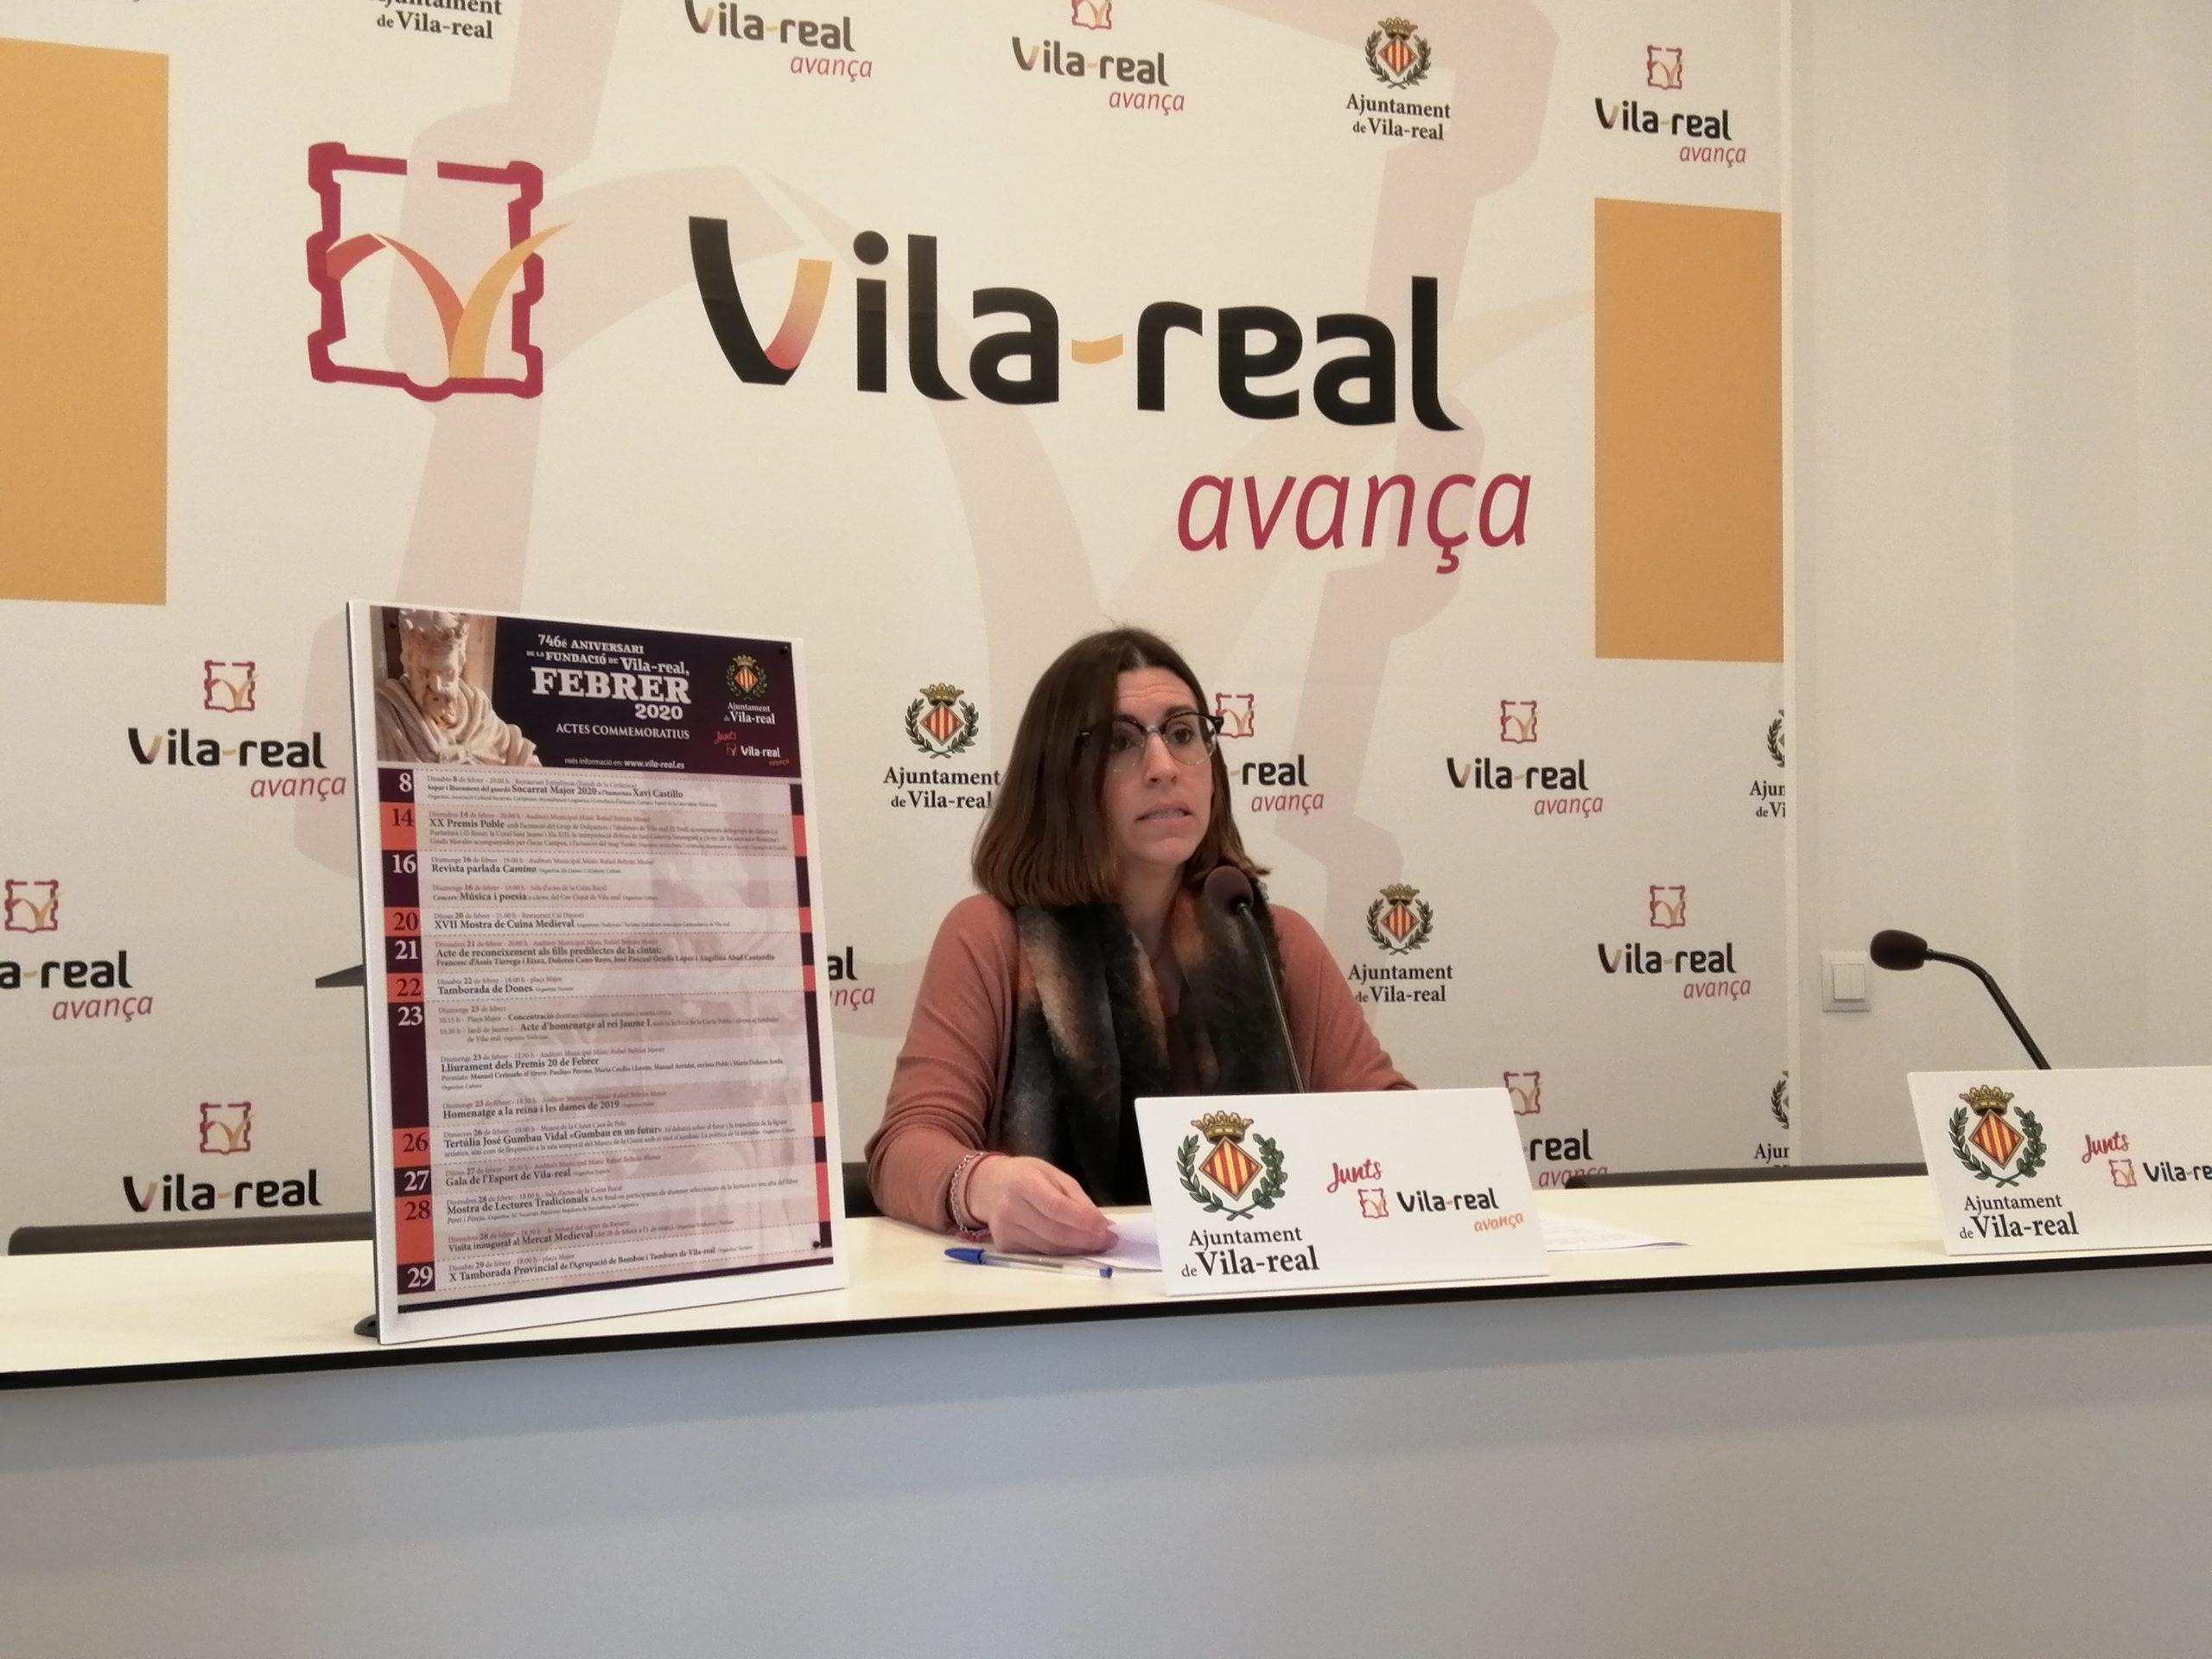 Cultura, tradición y homenaje a personalidades destacadas para celebrar el 746 aniversario de Vila-real